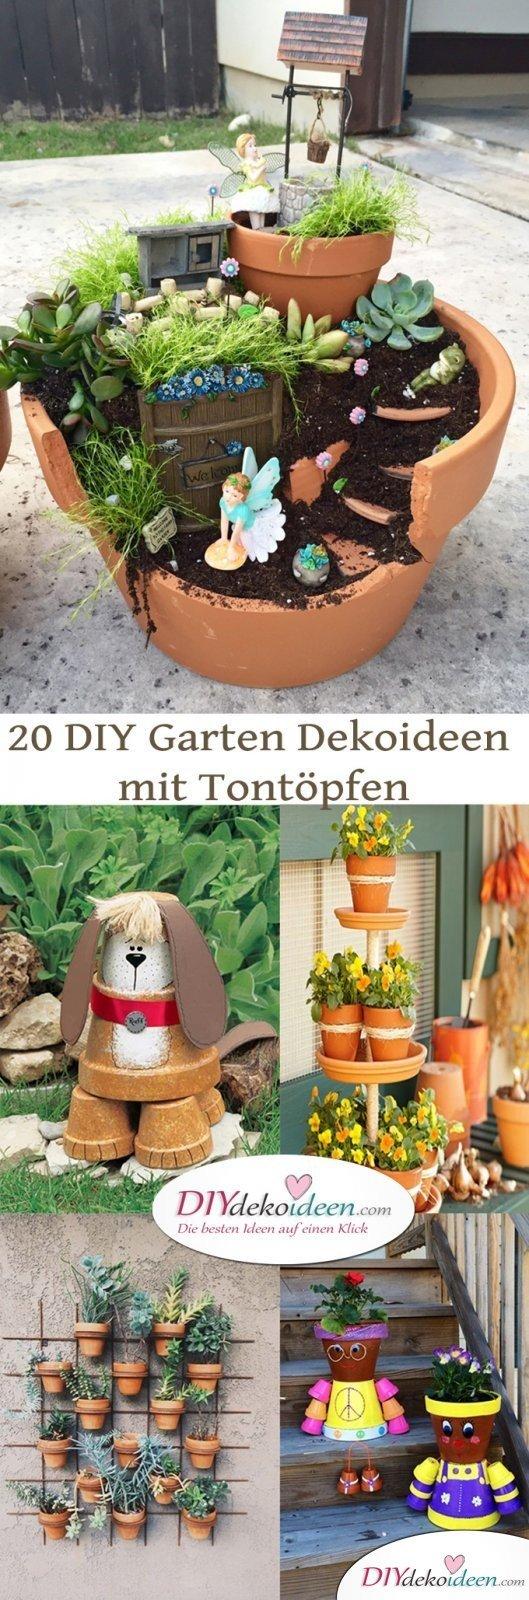 Diy Garten Dekoideen Mit Tontöpfen Die Man Ganz Leicht